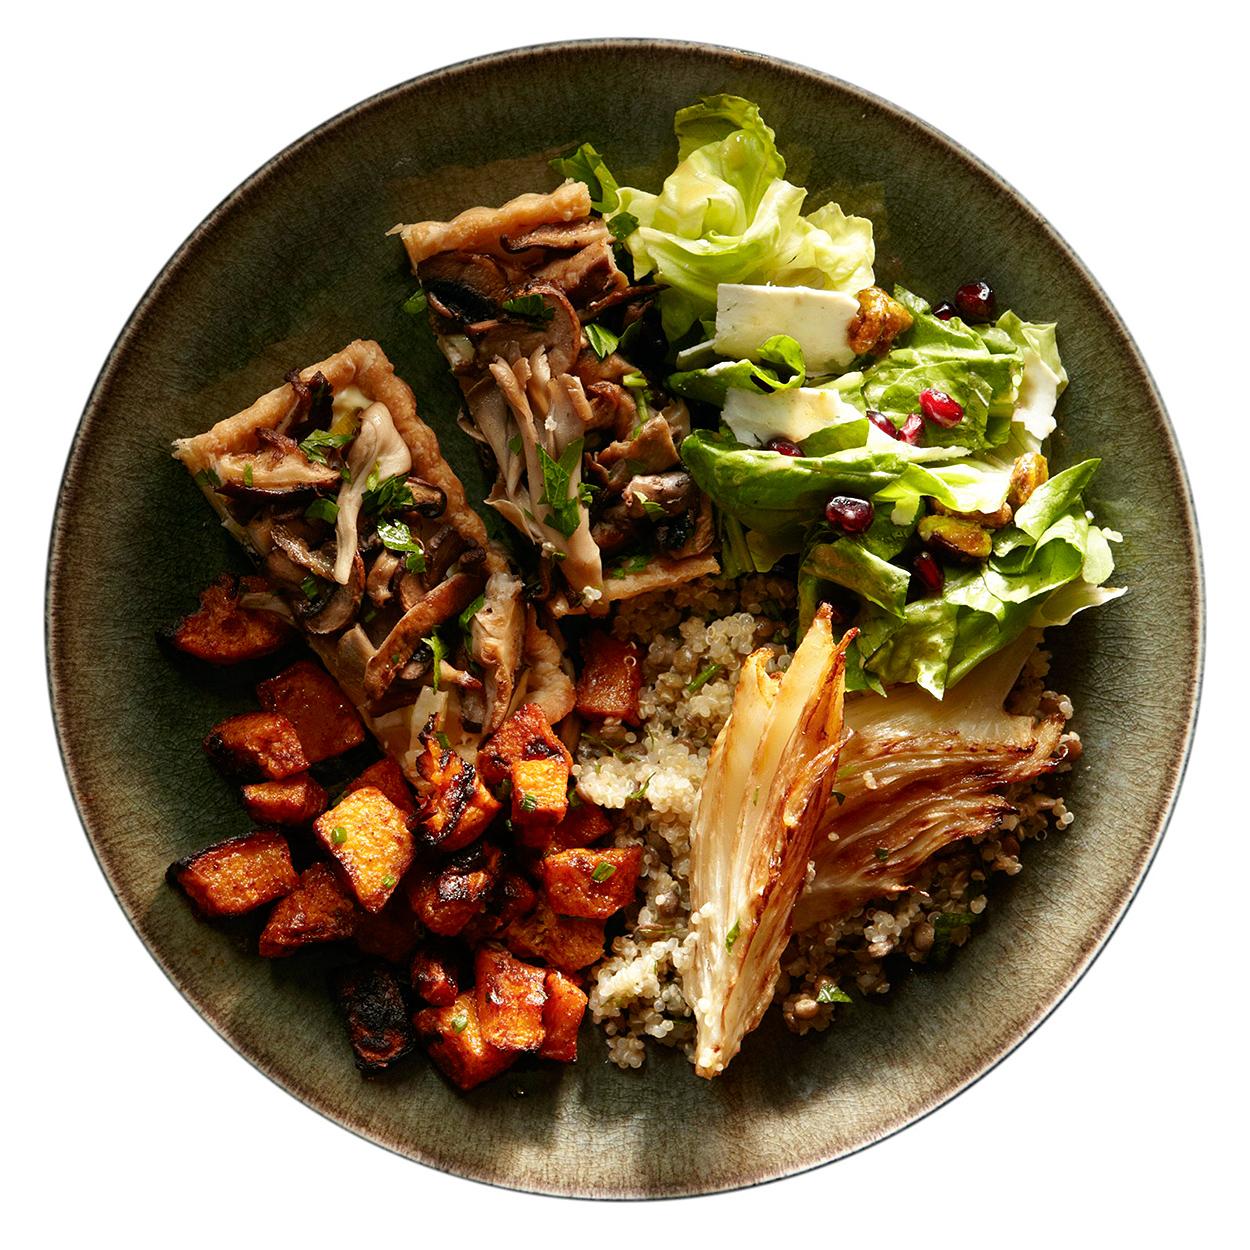 vegetarian thanksgiving meal